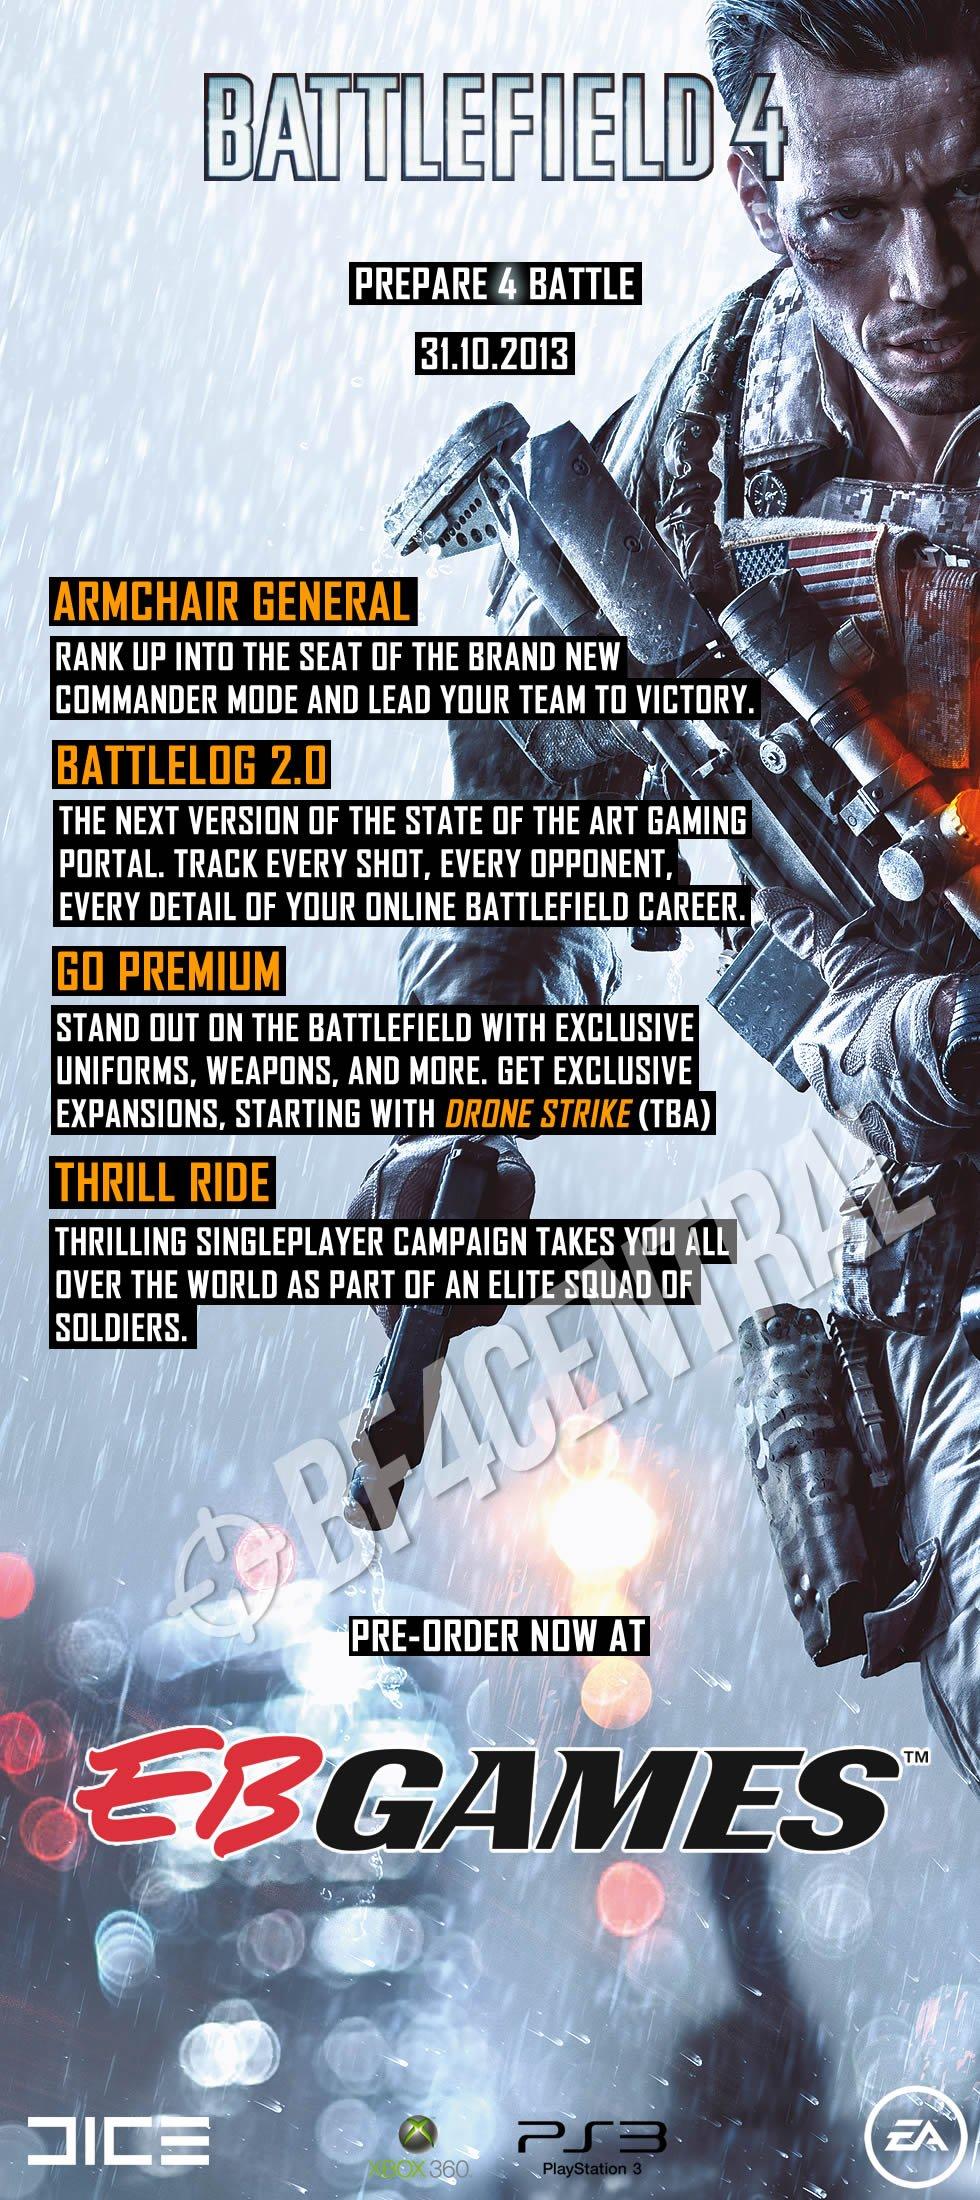 Battlefield 4 возможно выйдет 31 октября. - Изображение 1